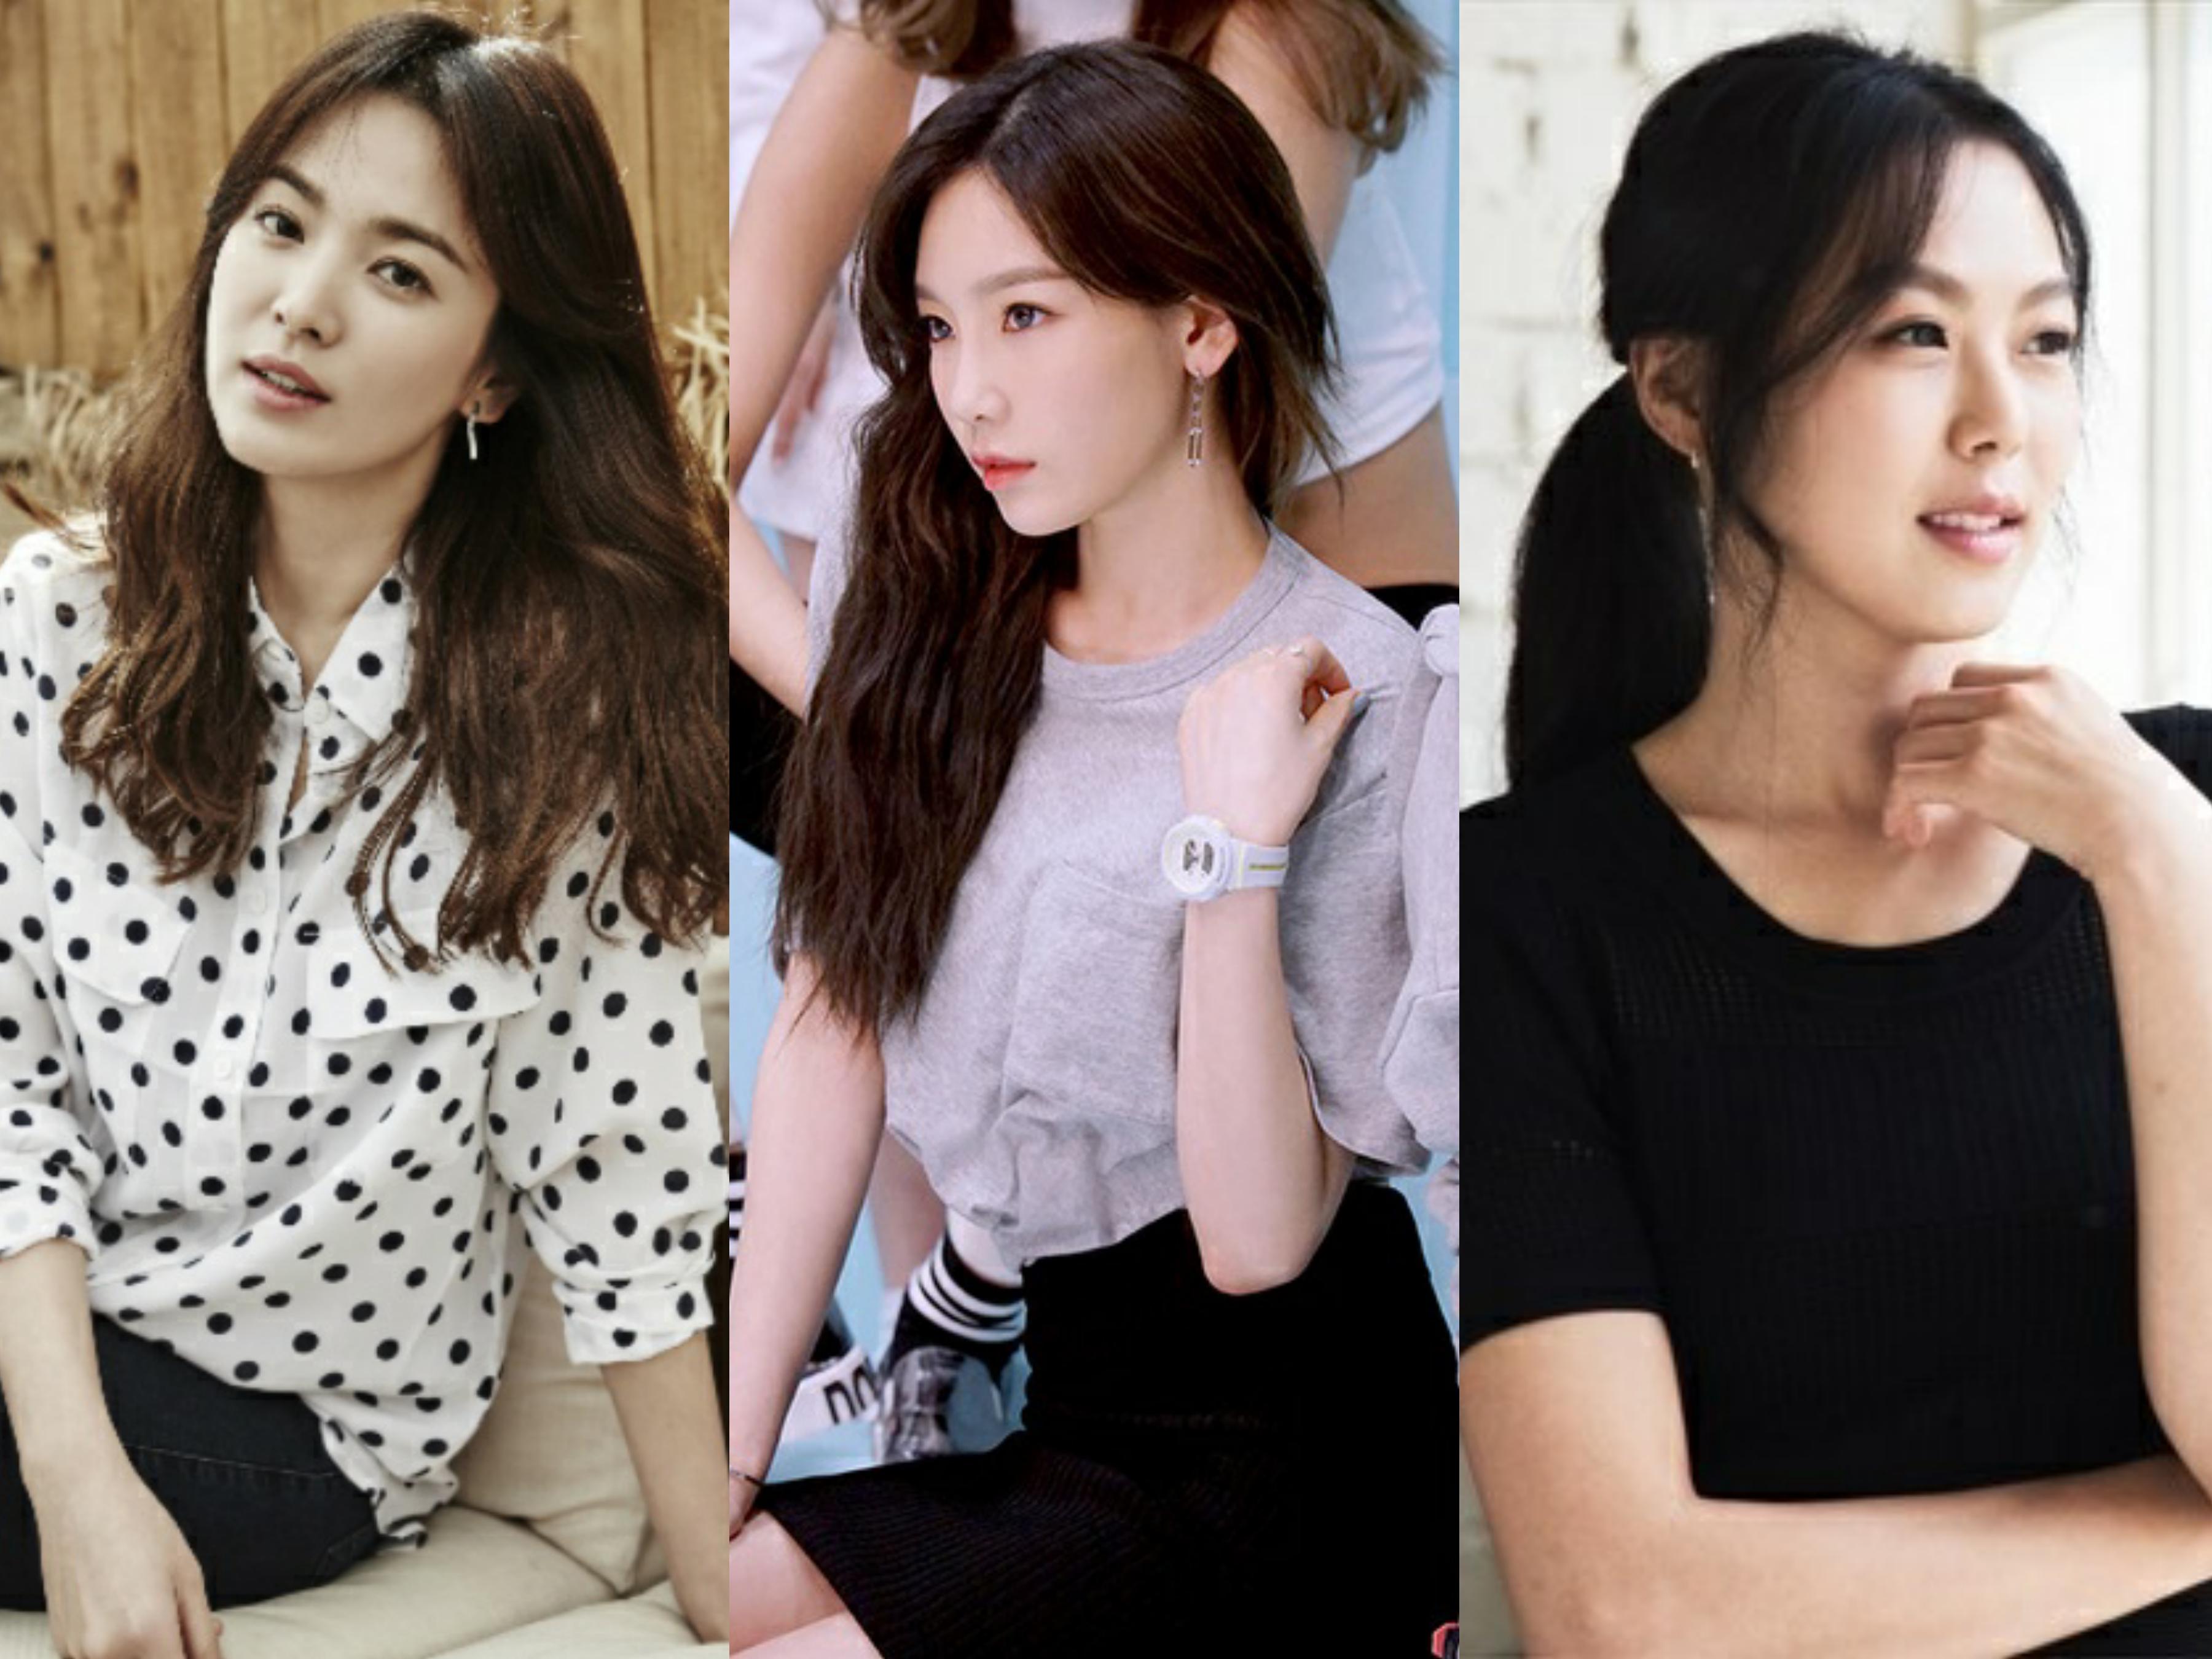 """3 sao nữ hạng A """"sát trai"""" nhất Hàn Quốc: Chênh lệch đẳng cấp từ nhan sắc cho tới tài sản! - Ảnh 12."""